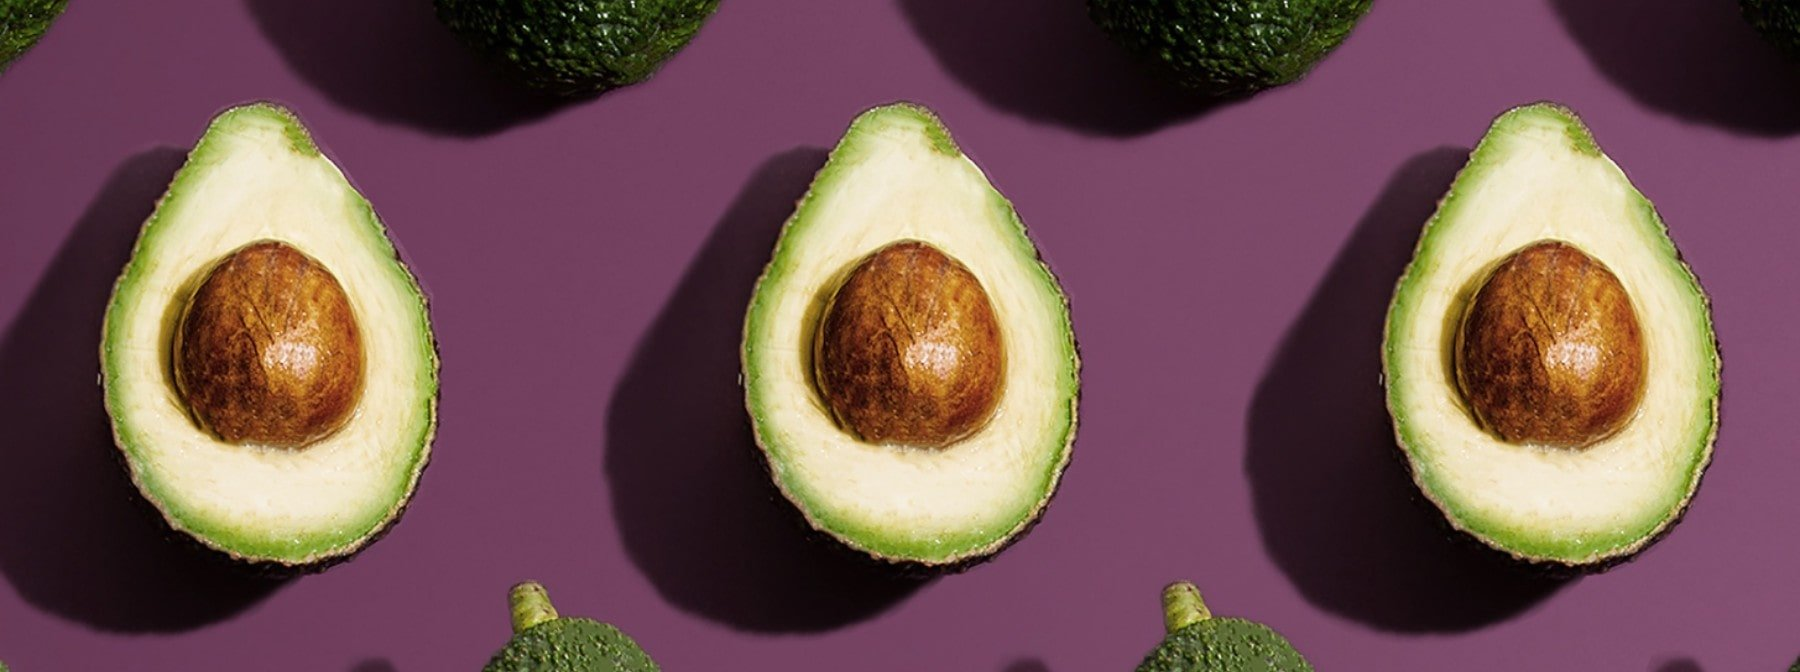 Kolesteroli | Mikä se on? Miten alentaa kolesterolia?